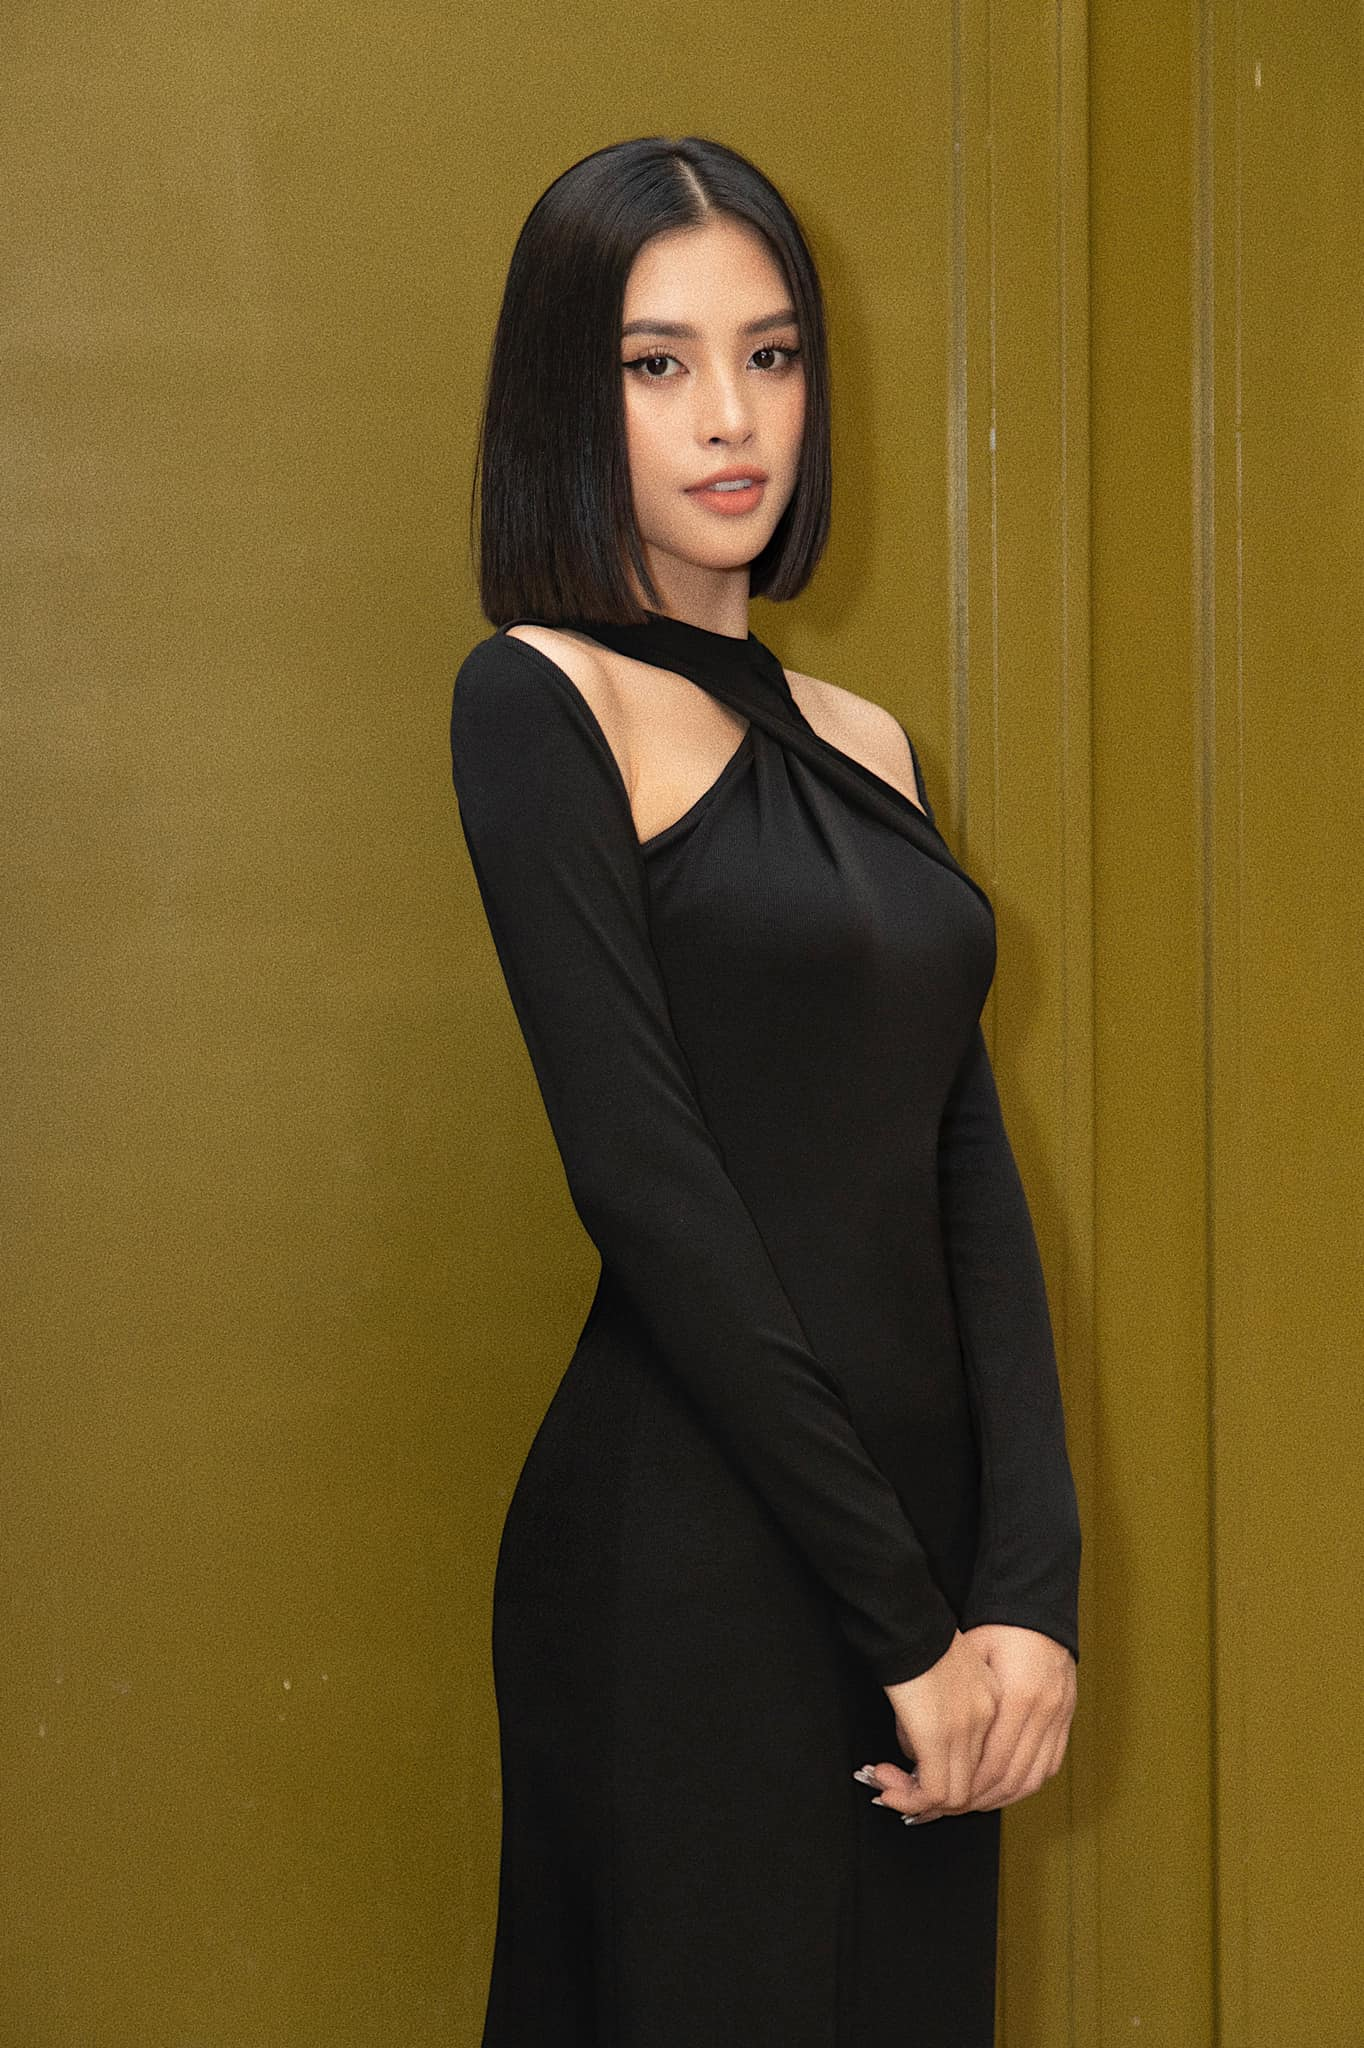 Sau Đỗ Mỹ Linh, HH Tiểu Vy cũng mạnh dạn thay đổi chi tiết này nhưng style lại gây thất vọng nhẹ - Ảnh 3.